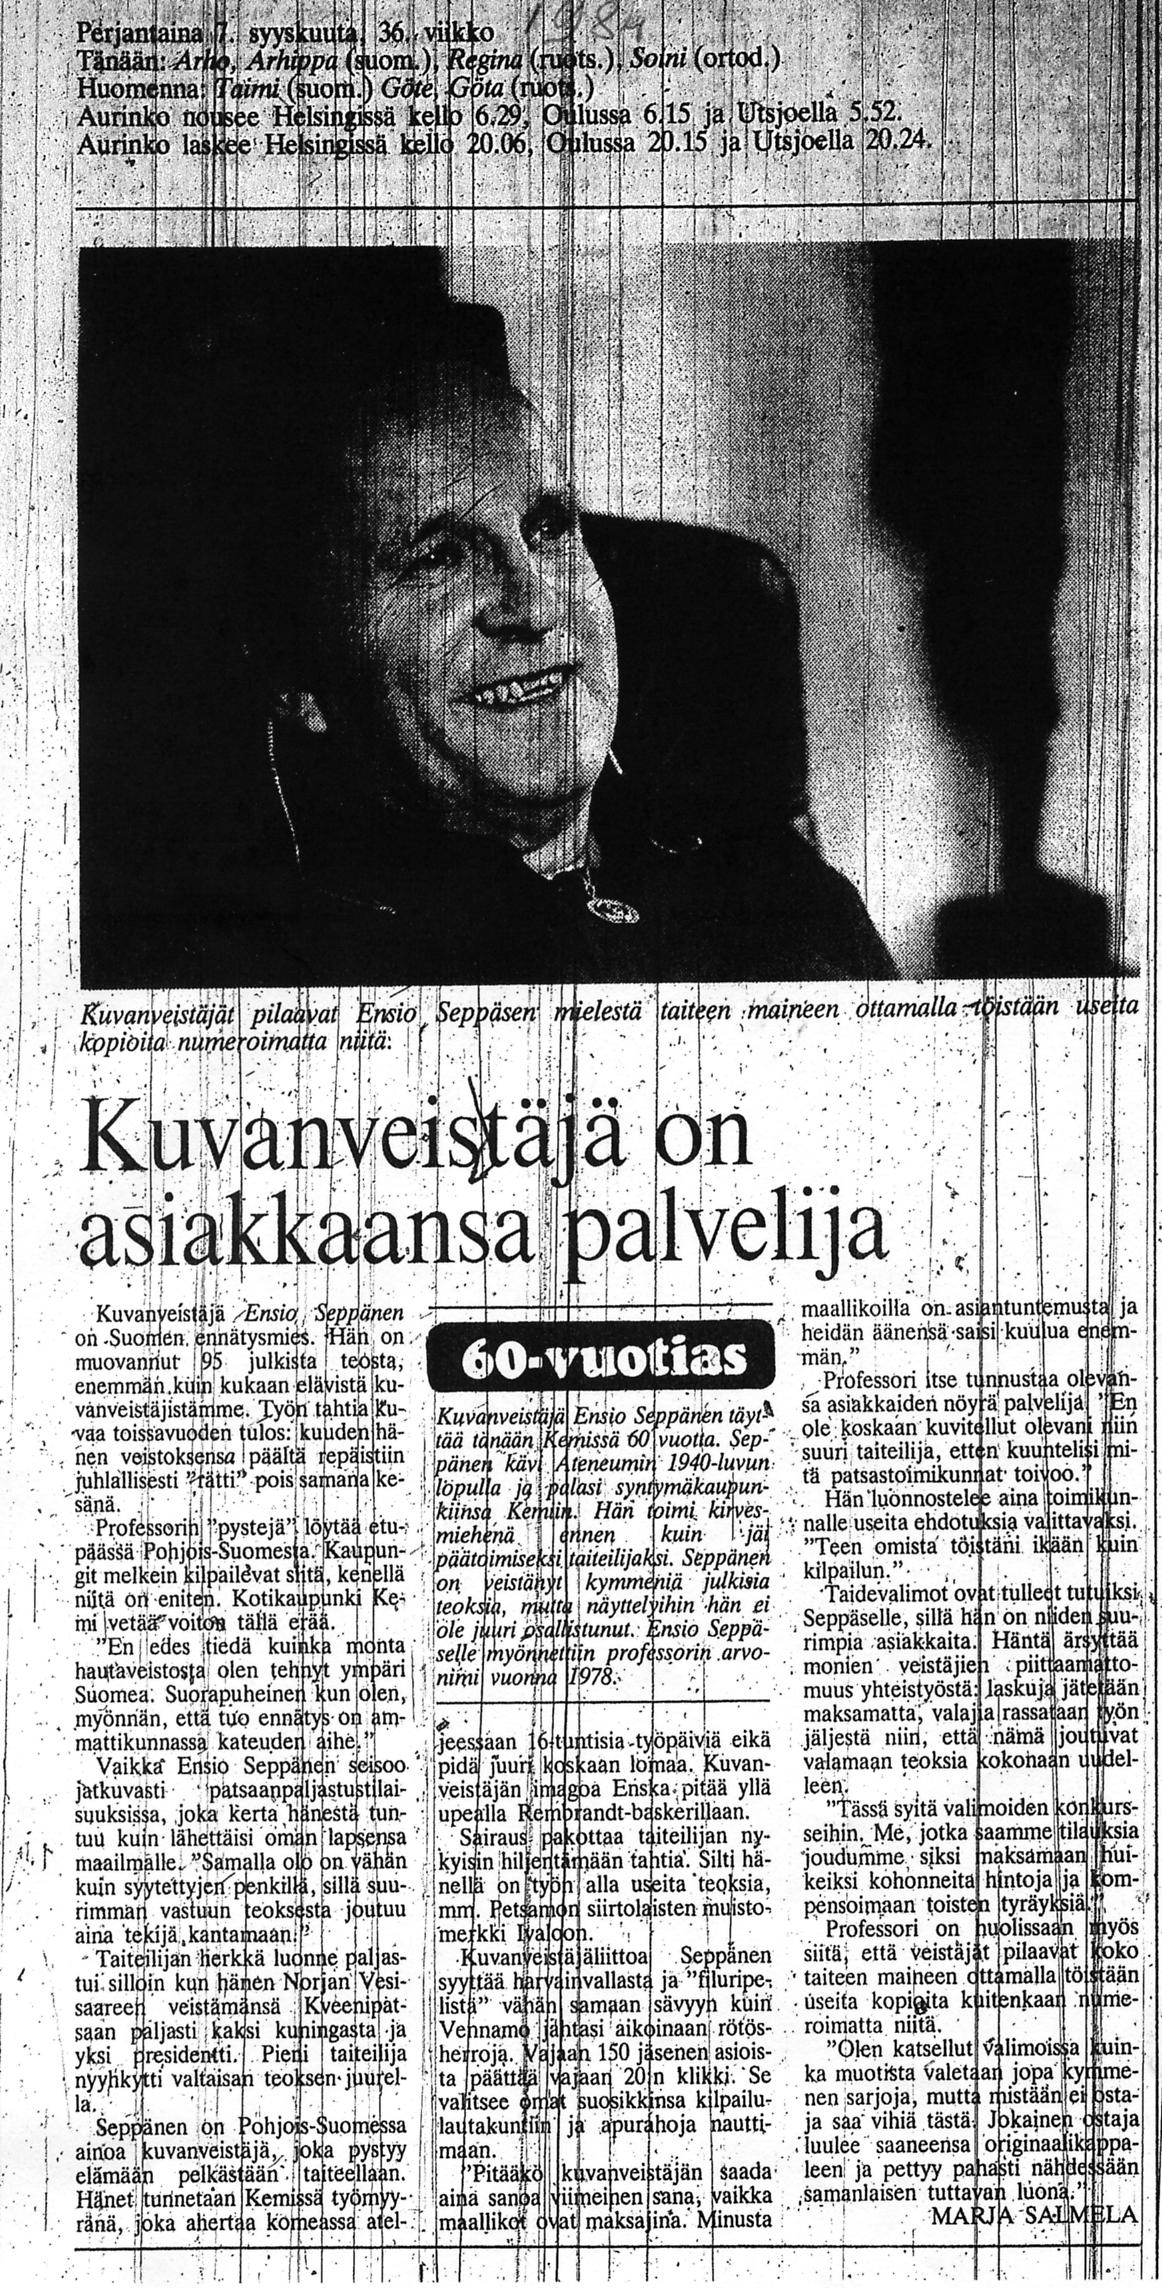 """Photo: """"Kuvanveistäjä Ensio Seppänen on Suomen ennätysmies. Hän on muovannut 95 julkista teosta, enemmän kuin kukaan muu elävistä kuvanveistäjistämme."""" Helsingin Sanomat, 7 syyskuuta 1984.   http://fi.wikipedia.org/wiki/Ensio_Sepp%C3%A4nen http://c0027077.cdn1.cloudfiles.rackspacecloud.com/57c8f9b049e78a0a2498b099ed2a59eb.pdf http://www.kuvataiteilijamatrikkeli.fi/fi/taiteilijat/1336  http://patsaanmetsastaja.blogspot.fi/2012/10/ensio-seppanen-ja-miten-kaikki-alkoi.html"""